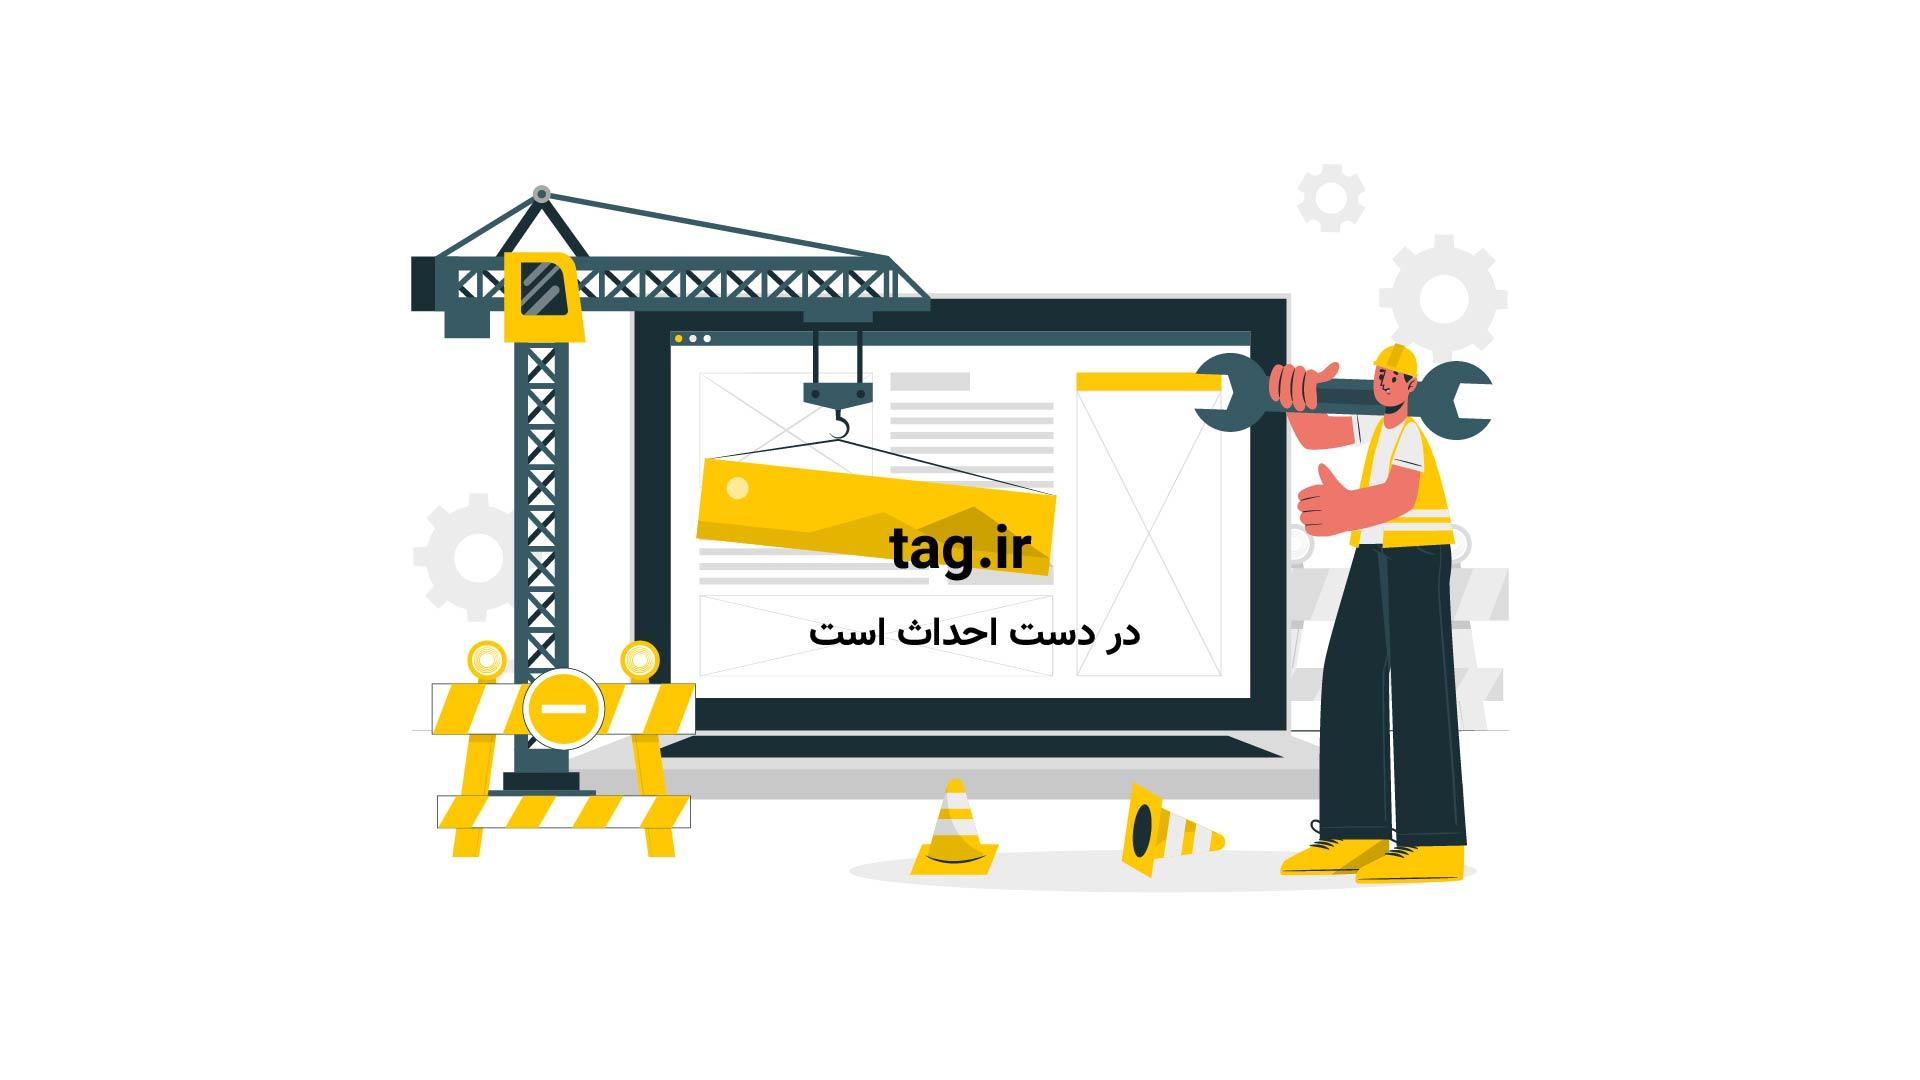 آبشار زیبا و دیدنی ماهوته آبدانان در استان ایلام | فیلم